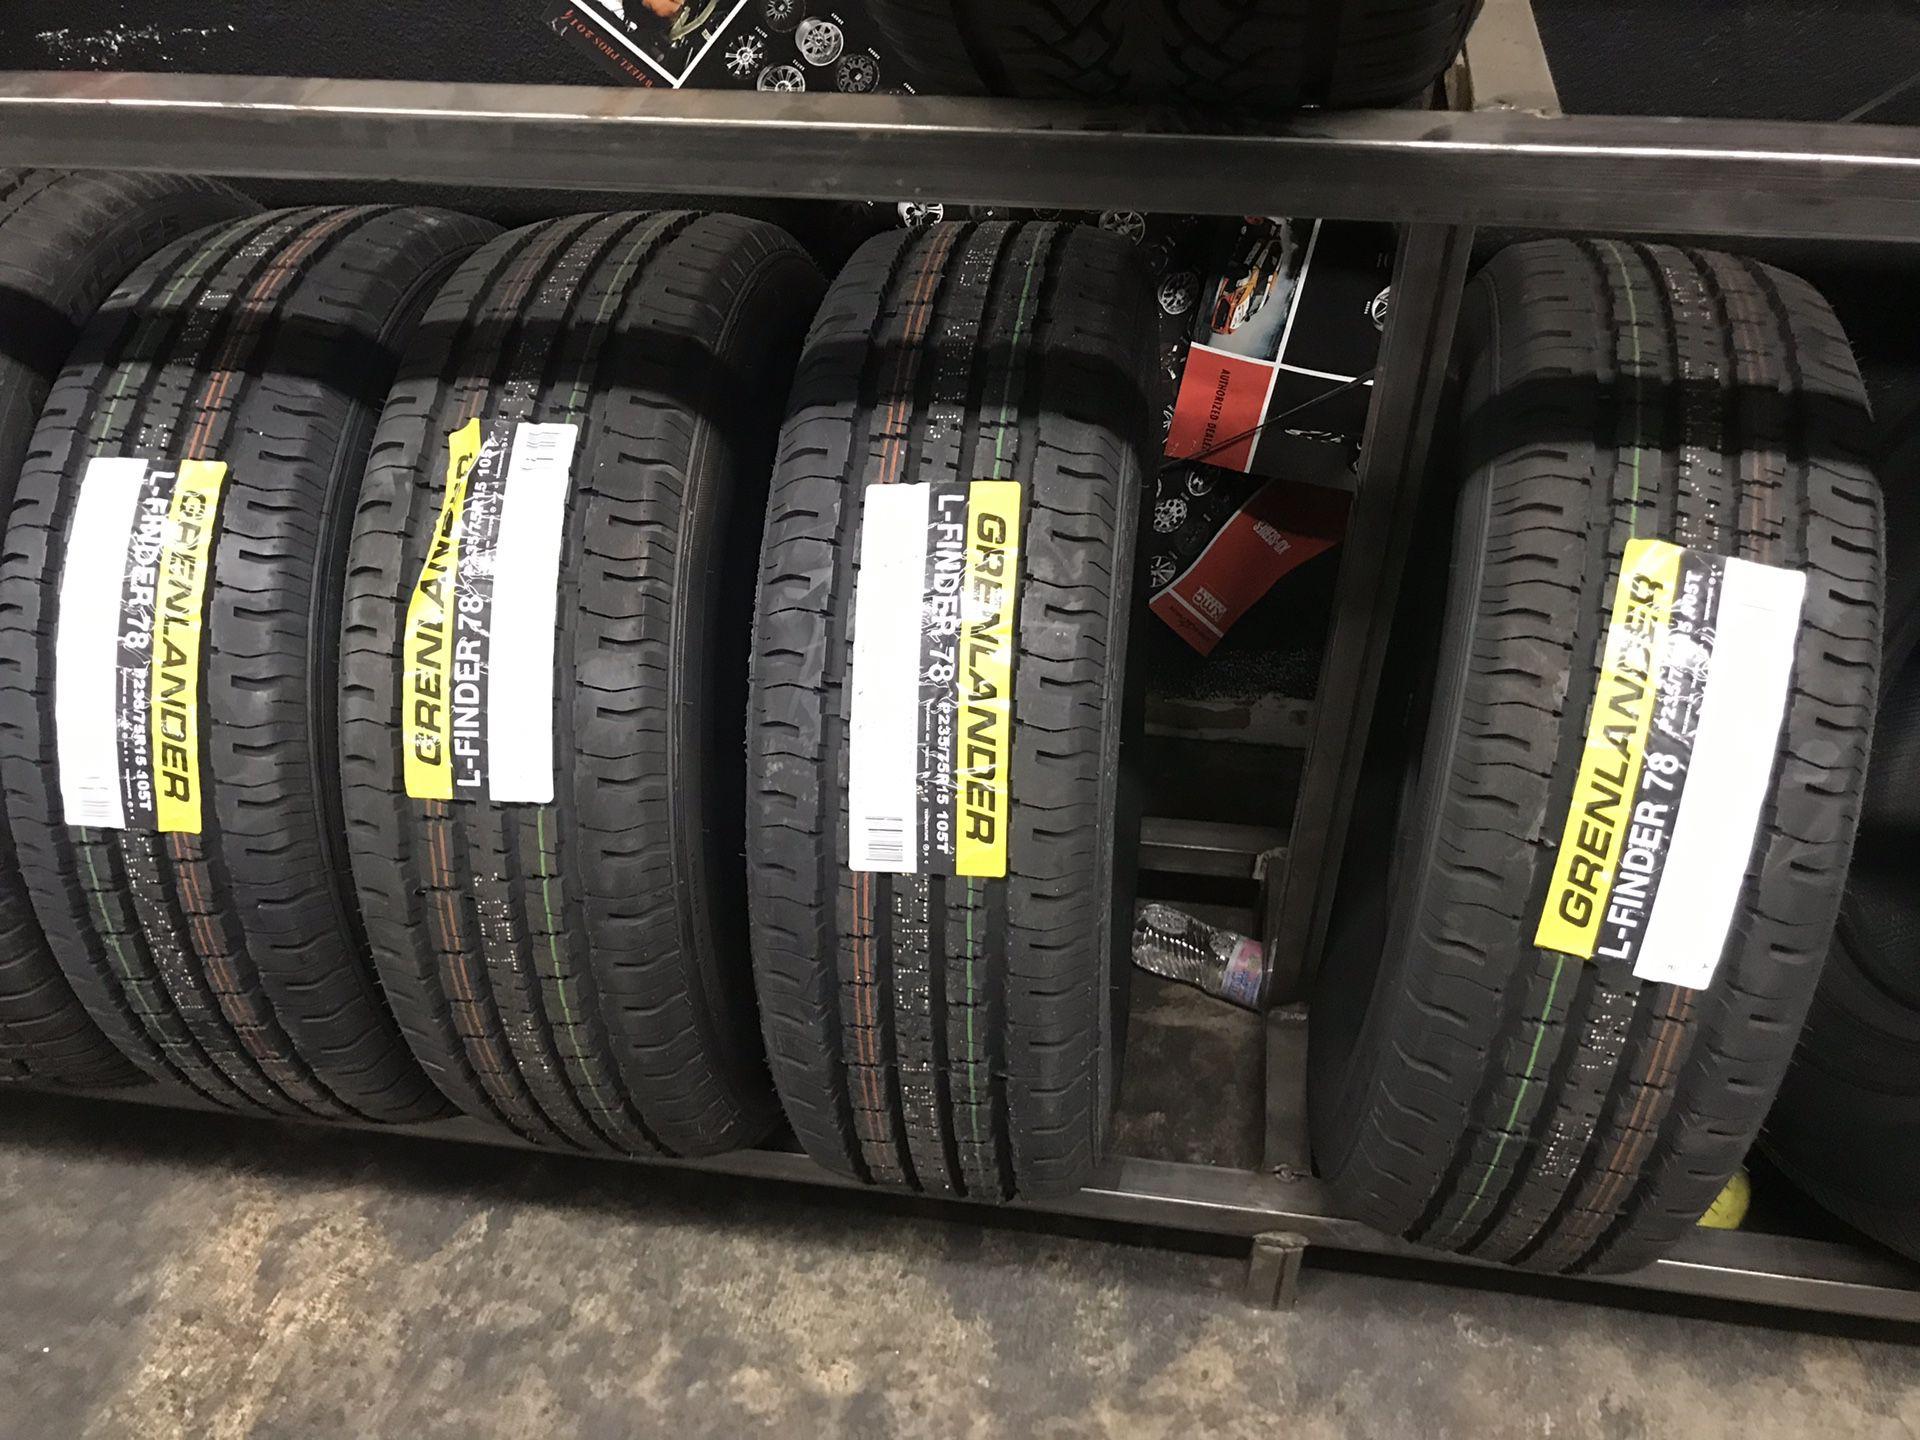 Tire sale tire sale tire sale ATW MONTCLAIR